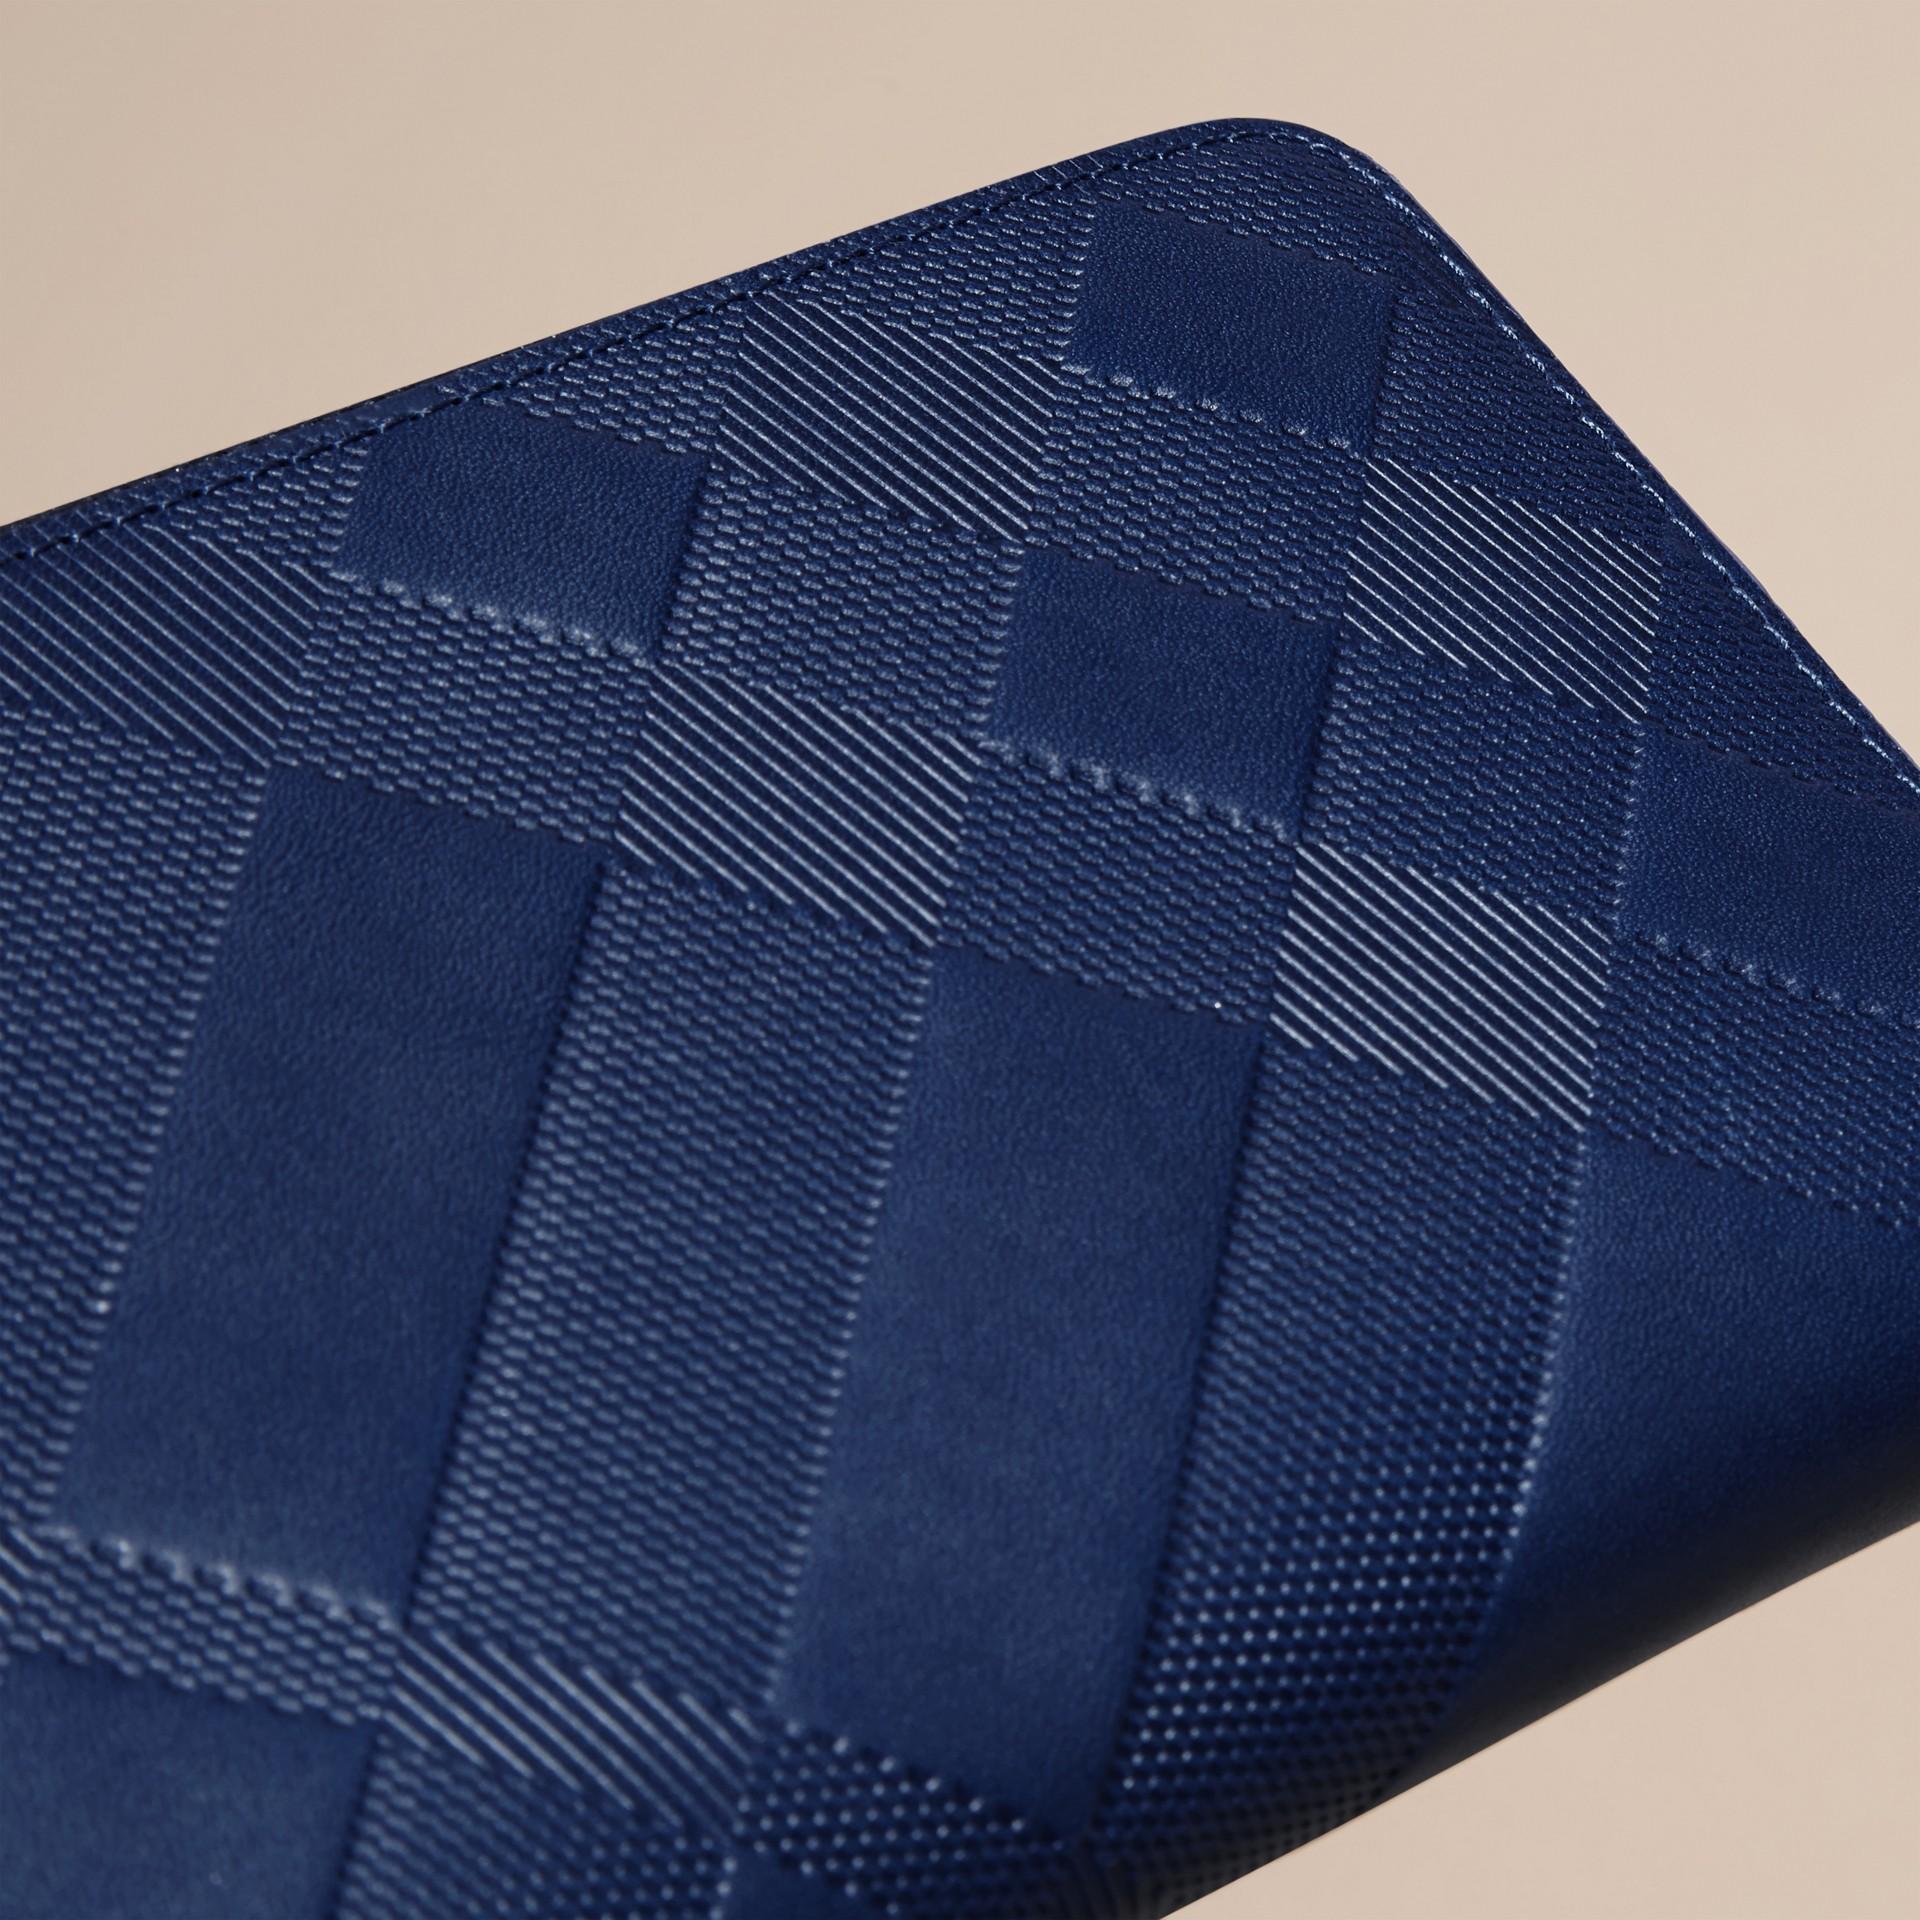 Blu lapislazzulo Portafoglio in pelle con motivo check in rilievo e cerniera su tre lati Blu Lapislazzulo - immagine della galleria 2